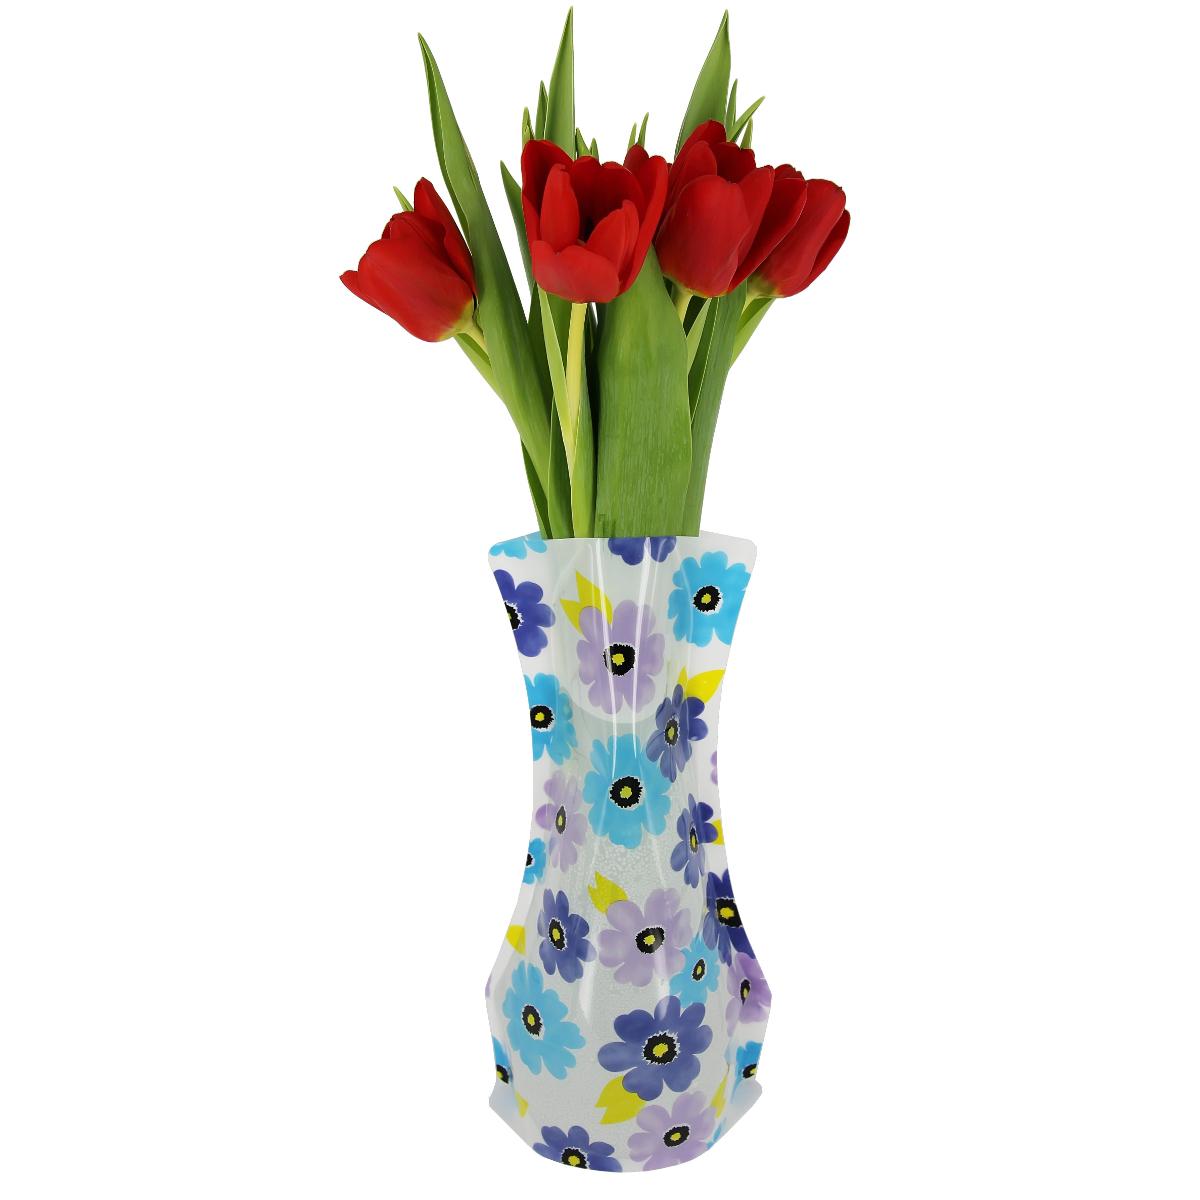 Ваза МастерПроф Сине-фиолетовые ромашки, пластичная, 1,2 лFS-80423Пластичная ваза Сине-фиолетовые ромашки легко складывается, удобно хранится - занимает мало места, долго служит. Всегда пригодится дома, в офисе, на даче, для оформления различных мероприятий. Отлично подойдет для перевозки цветов, или просто в подарок.Инструкция: 1. Наполните вазу теплой водой;2. Дно и стенки расправятся;3. Вылейте воду;4. Наполните вазу холодной водой;5. Вставьте цветы.Меры предосторожности:Хранить вдали от источников тепла и яркого солнечного света. С осторожностью применять для растений с длинными стеблями и с крупными соцветиями, что бы избежать опрокидывания вазы.